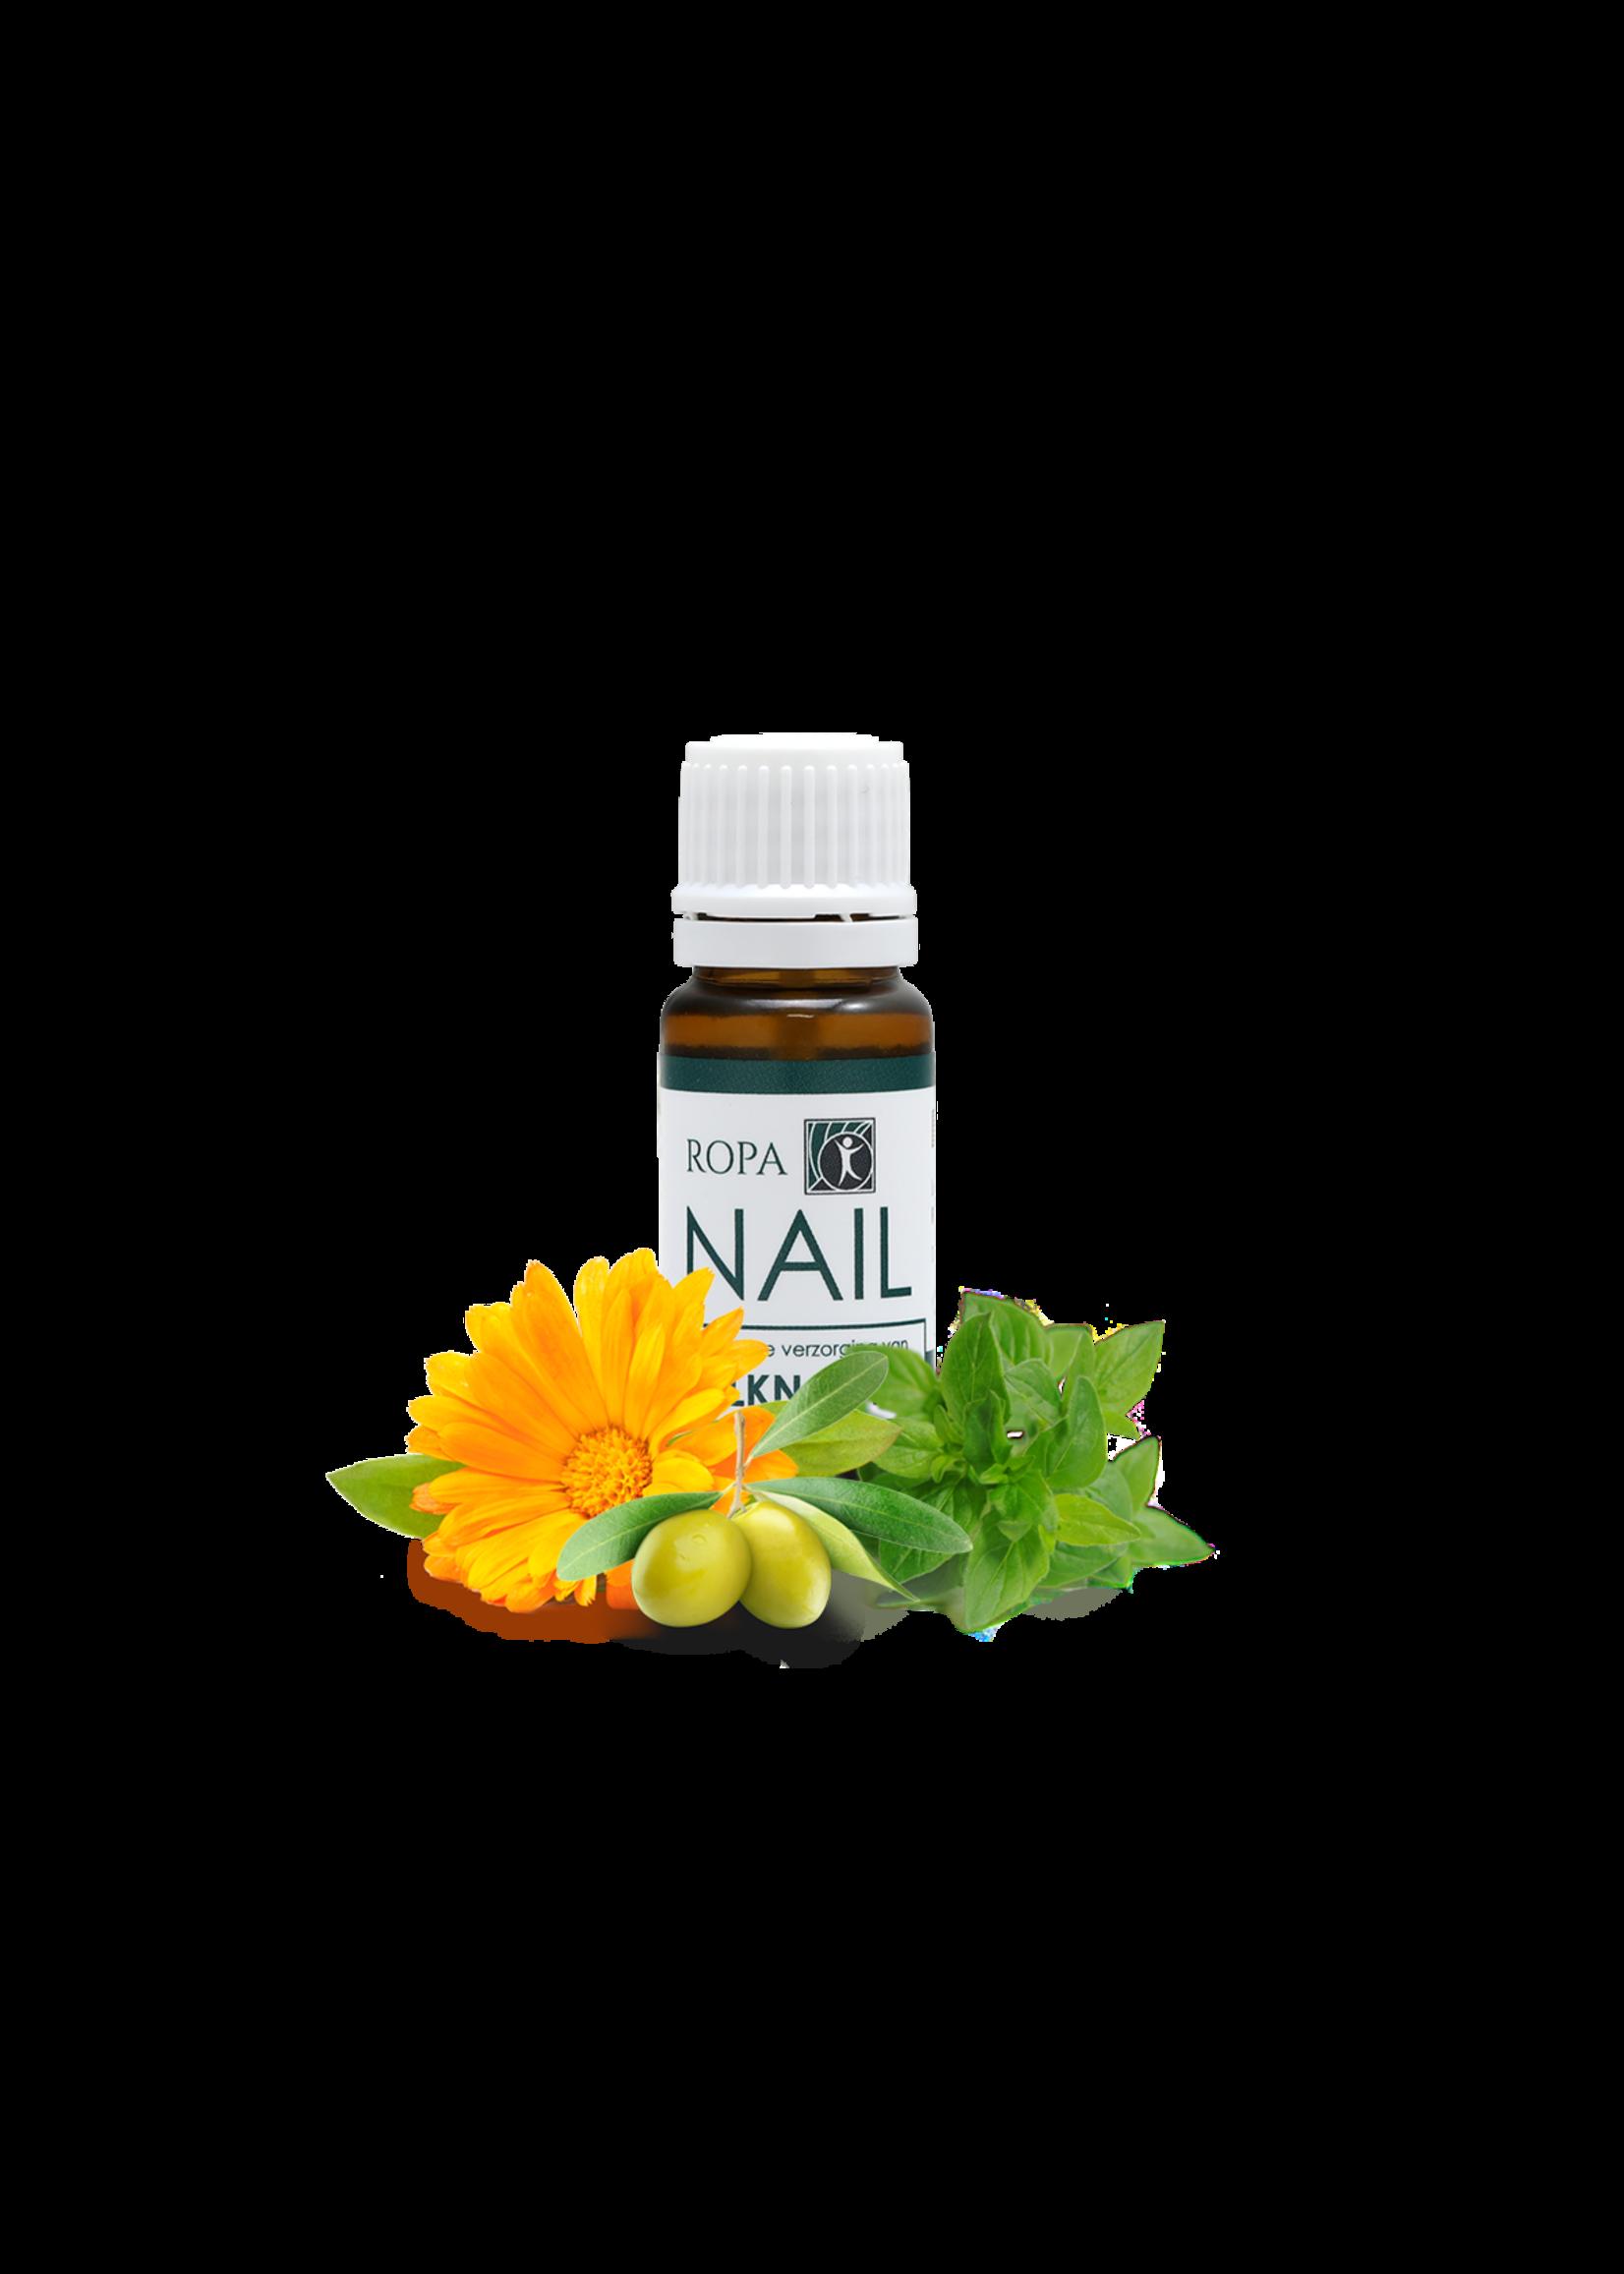 RopaNAIL - 100 % natuurlijke kalknagel olie voor dagelijkse verzorging - 10 ml